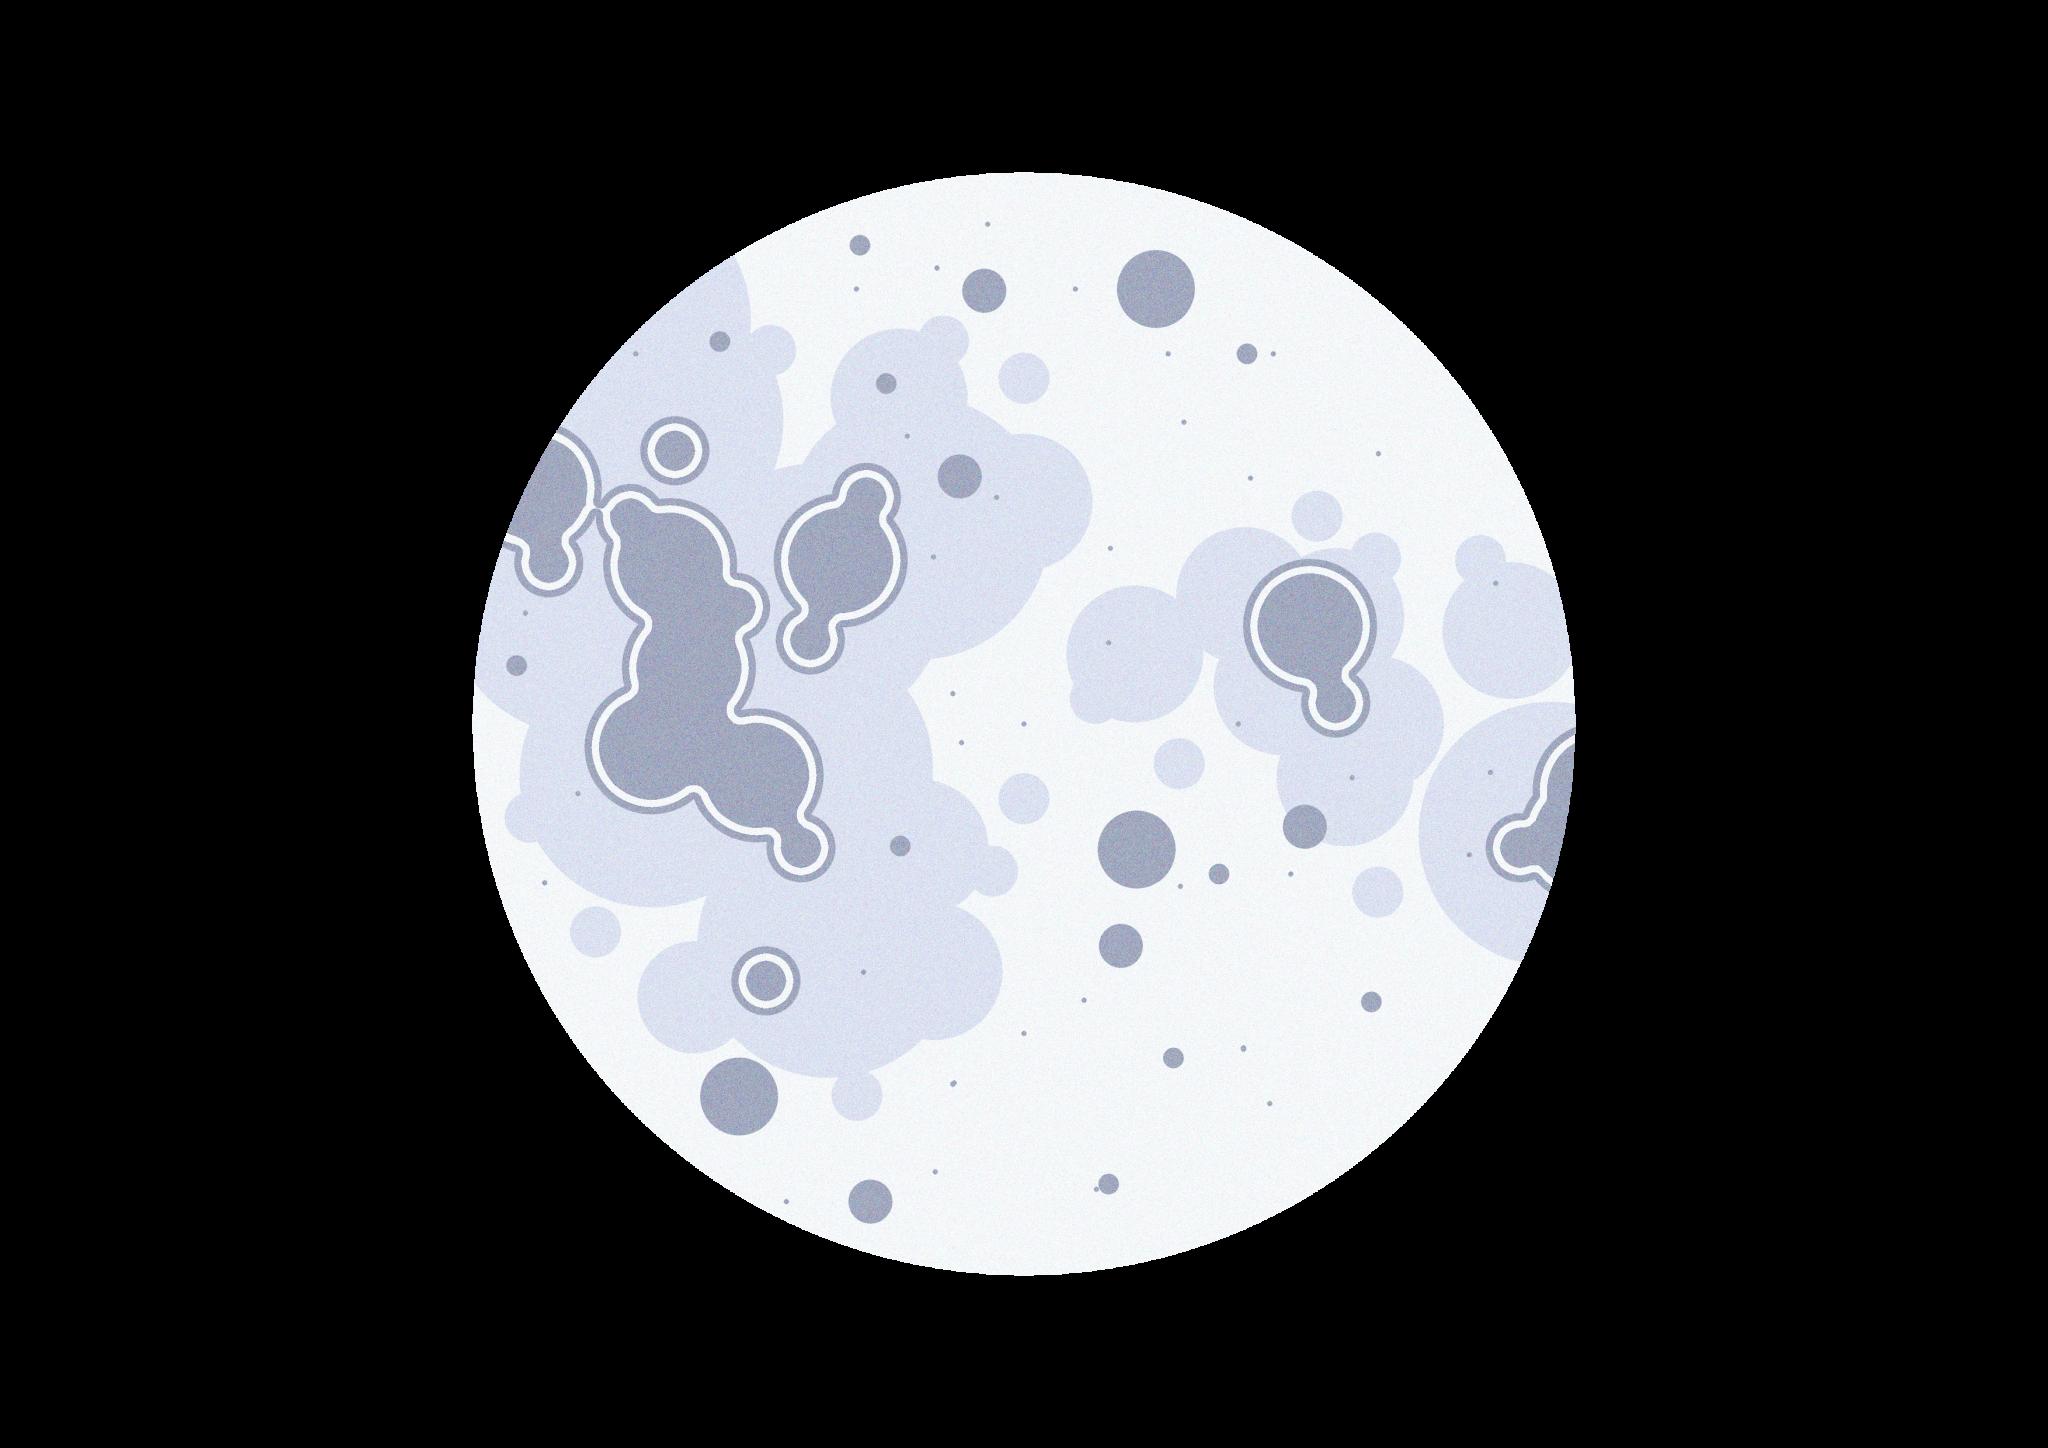 Full Moon noise